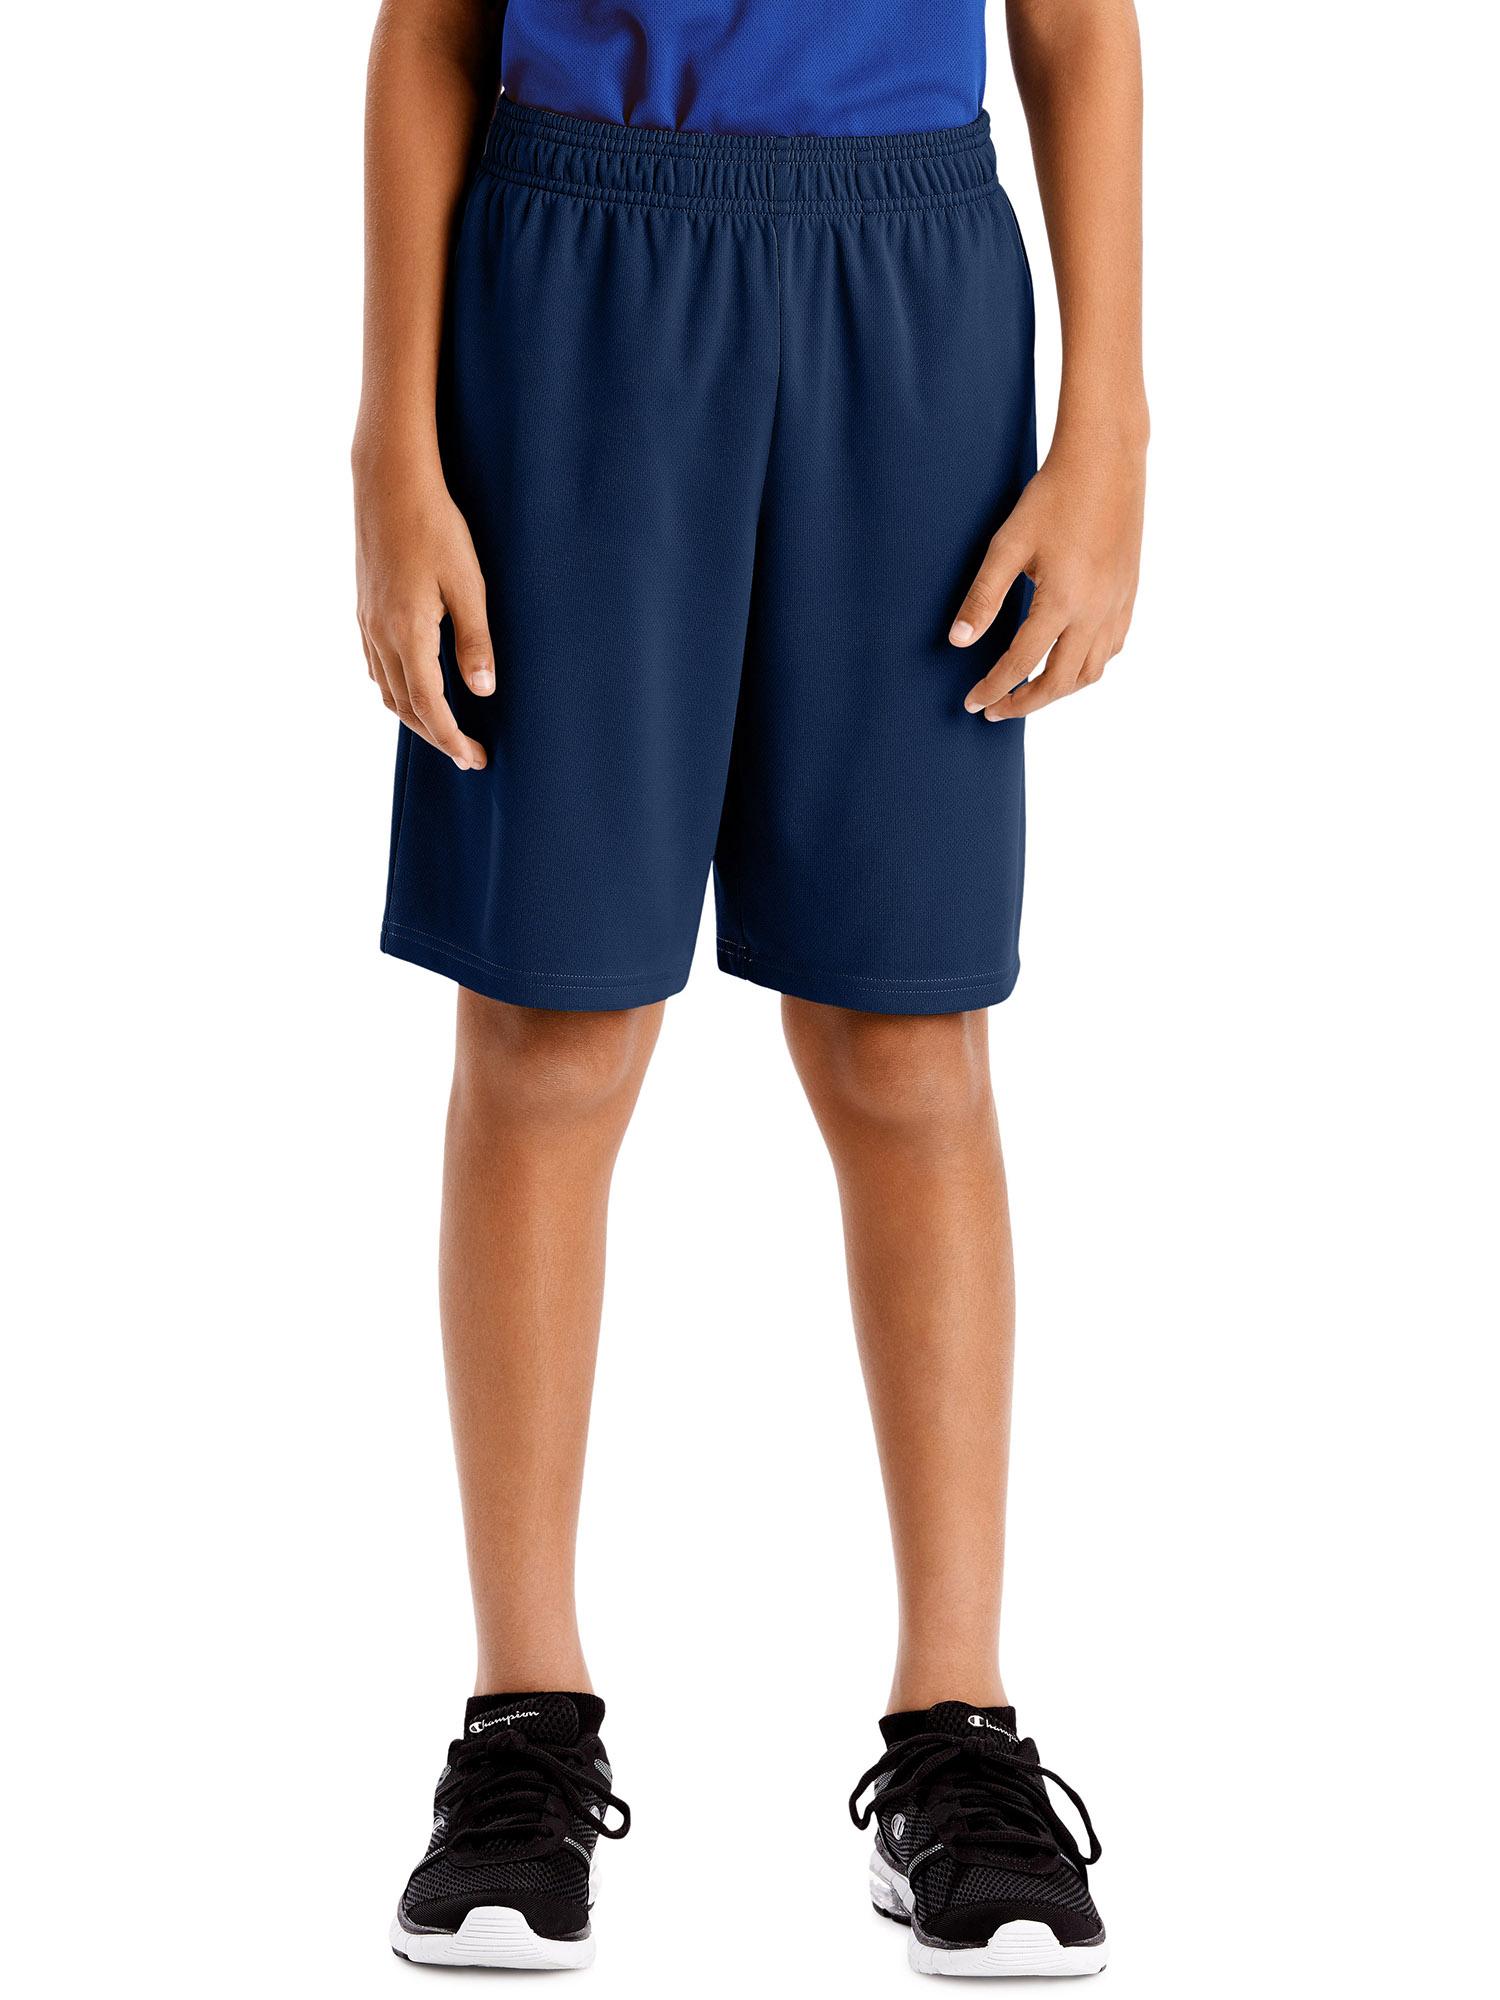 Boys' 9-inch Performance Pocket Shorts